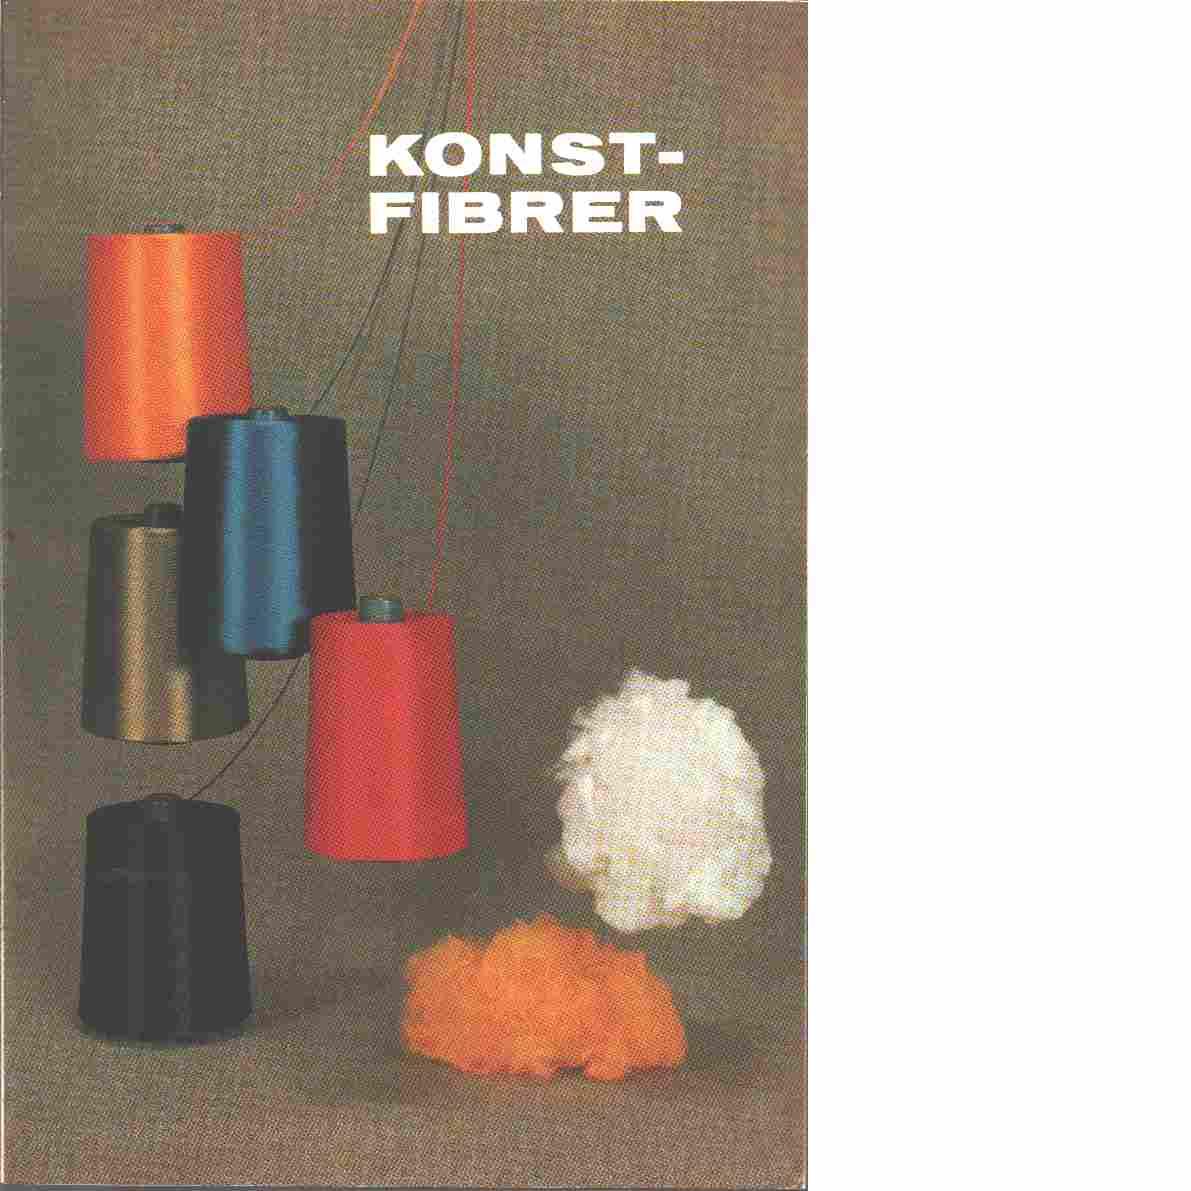 Konstfibrer - Brindner, Per